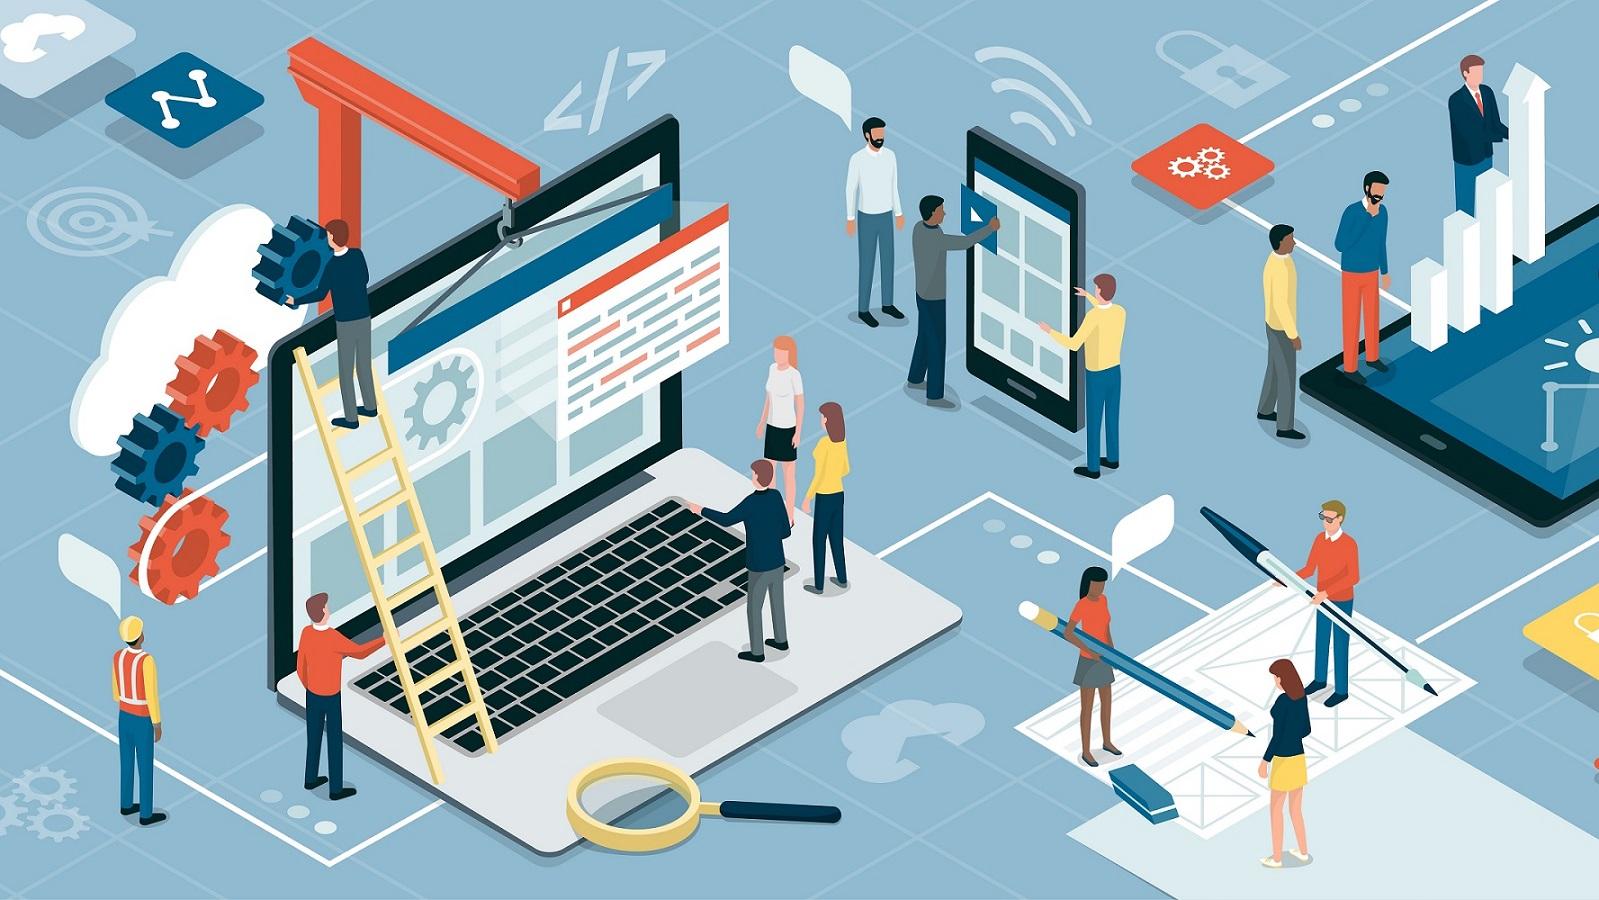 Come fare la due diligence per operazioni nel settore IT riguardanti società di software.